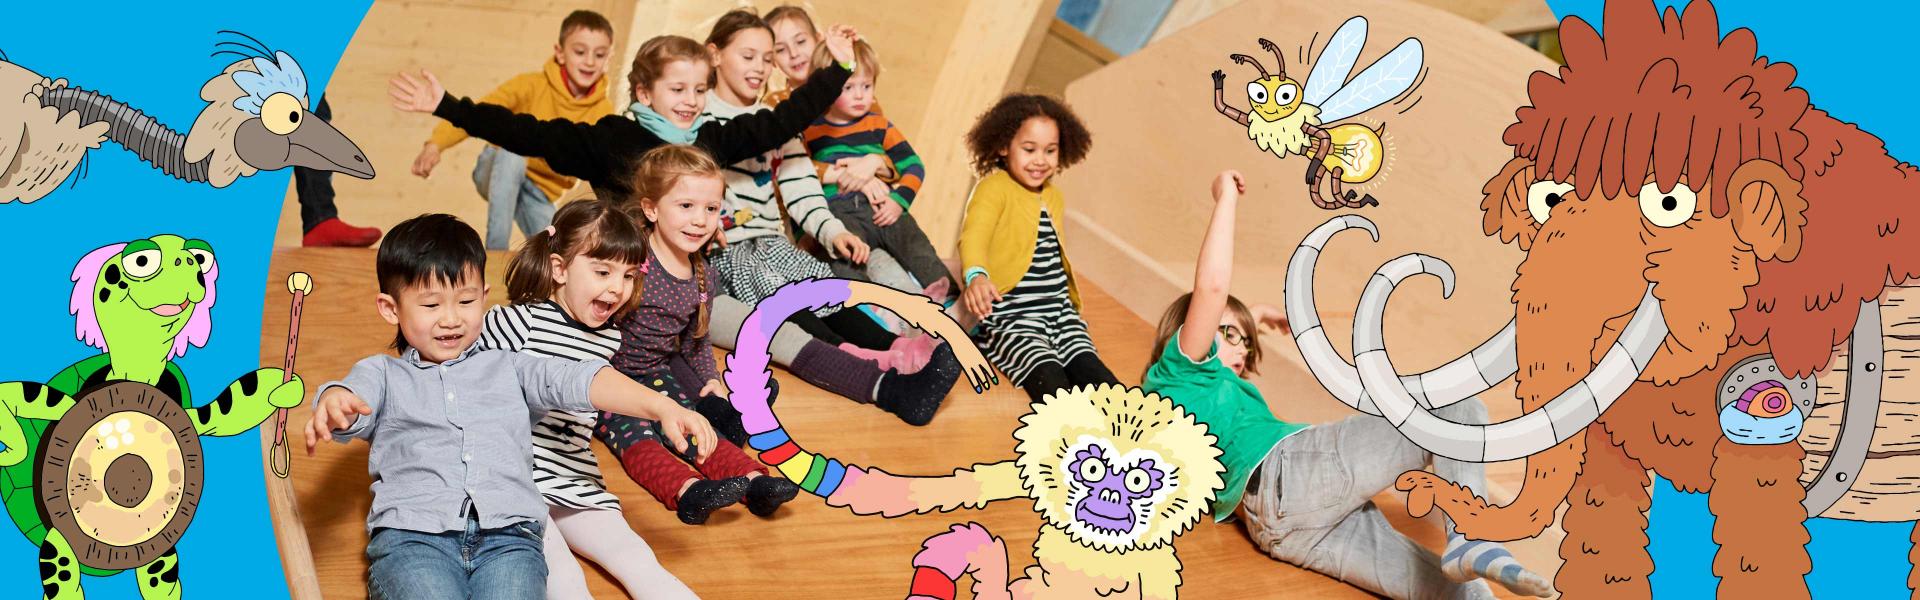 Graphik mit bunten Tieren, in der Mitte ein Foto eingebaut, auf dem Kinder eine Holzfläche runterrutschen